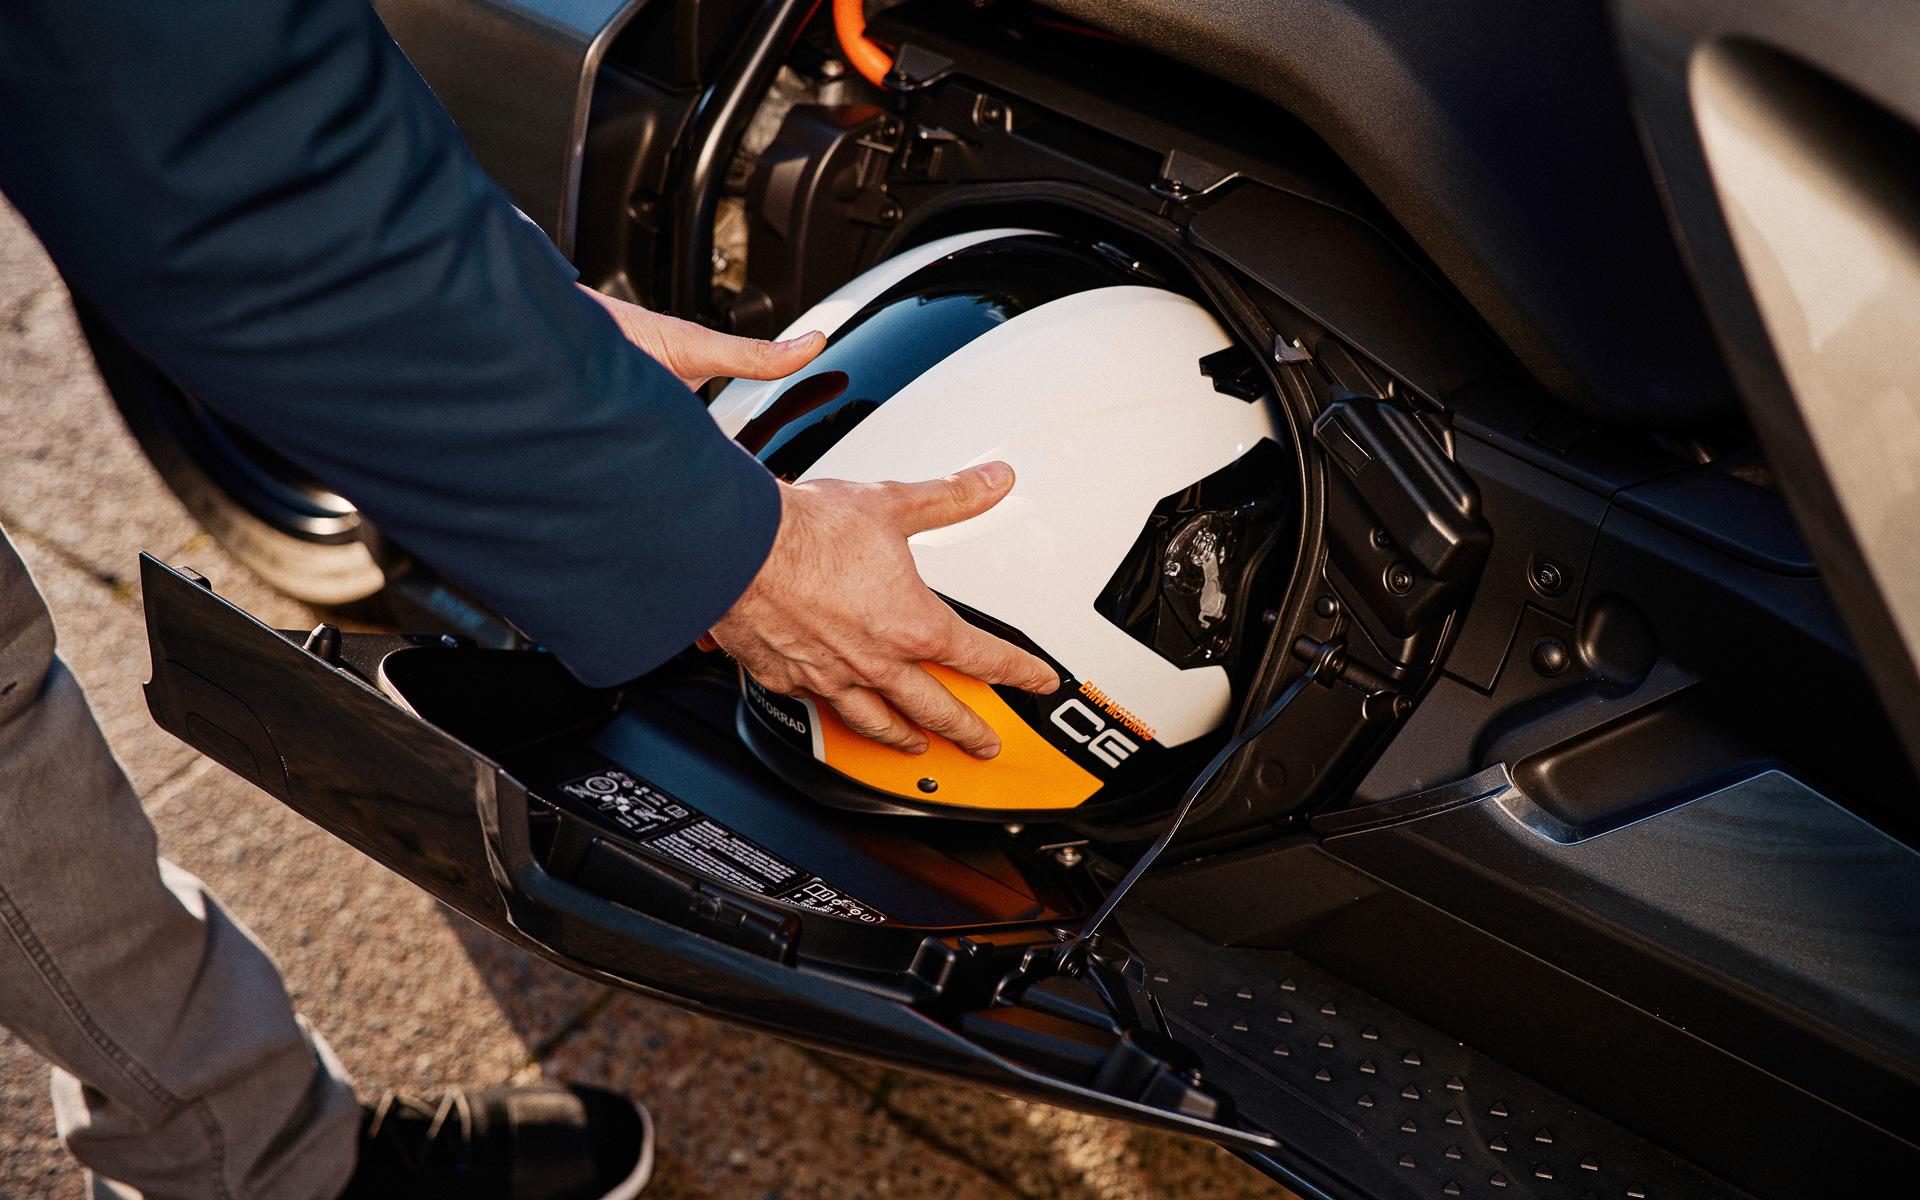 シートの下にはヘルメットも入る収納スペースを確保